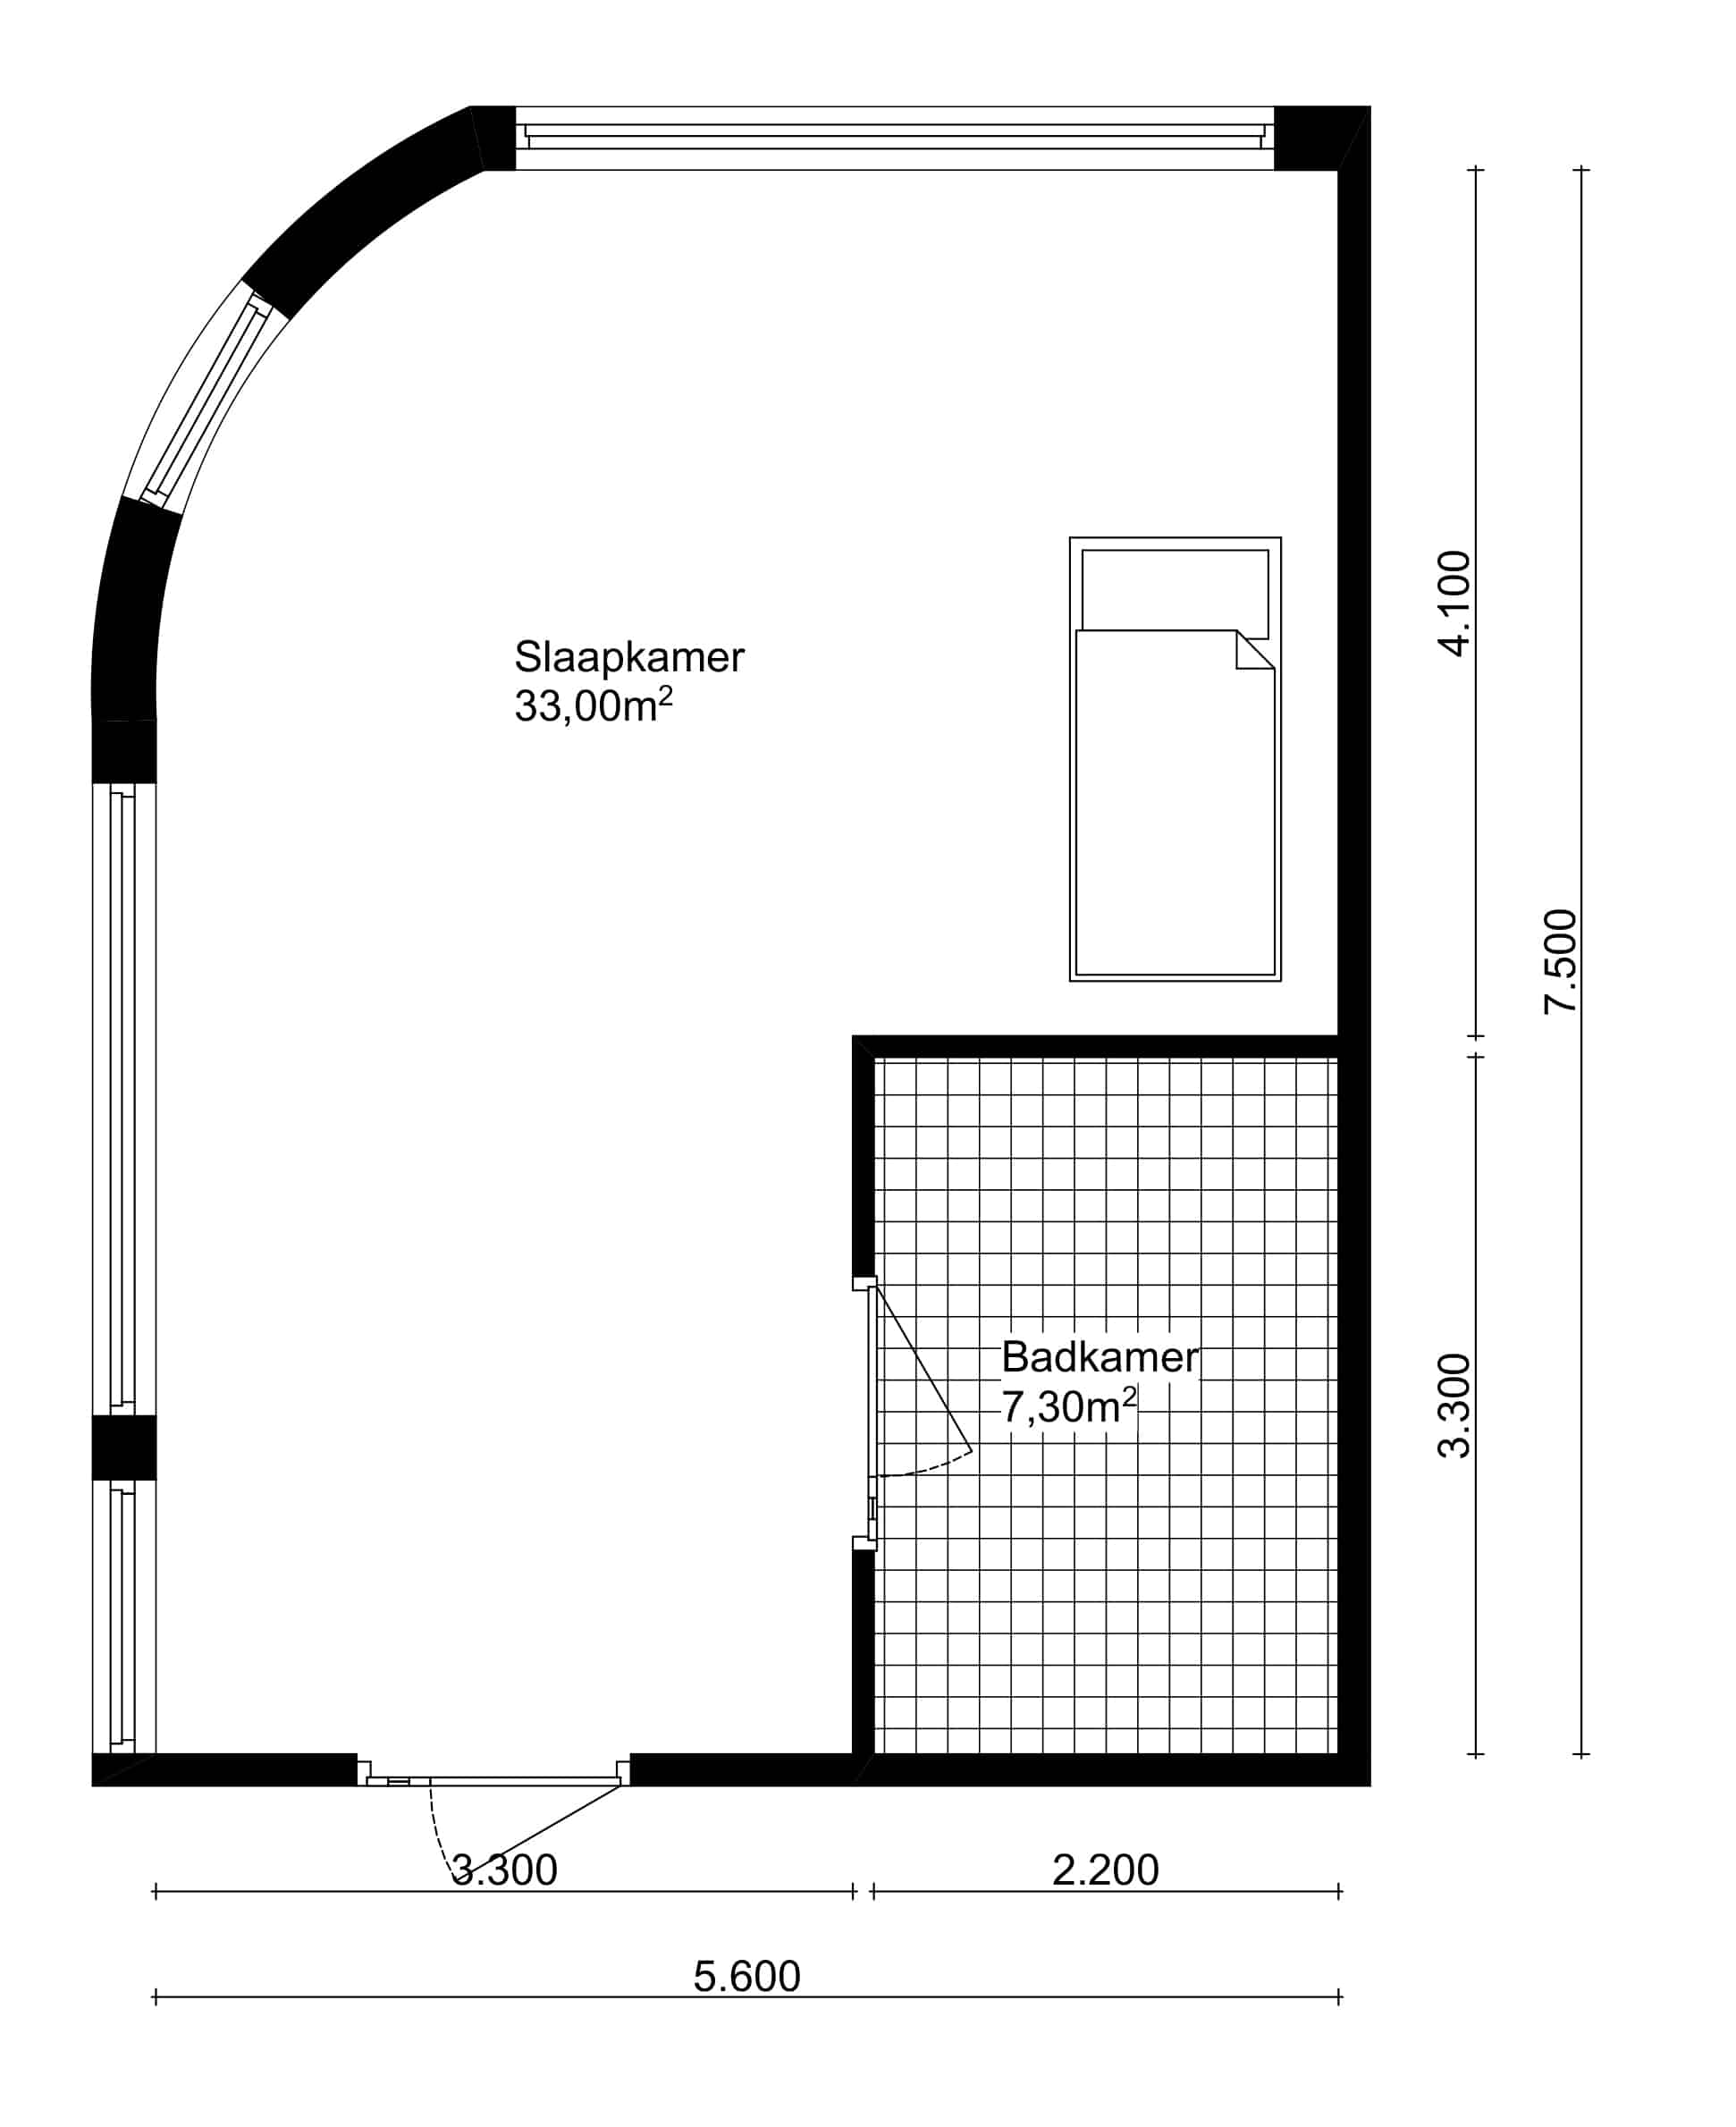 Plattegrond hoek slaapkamer in Vizier